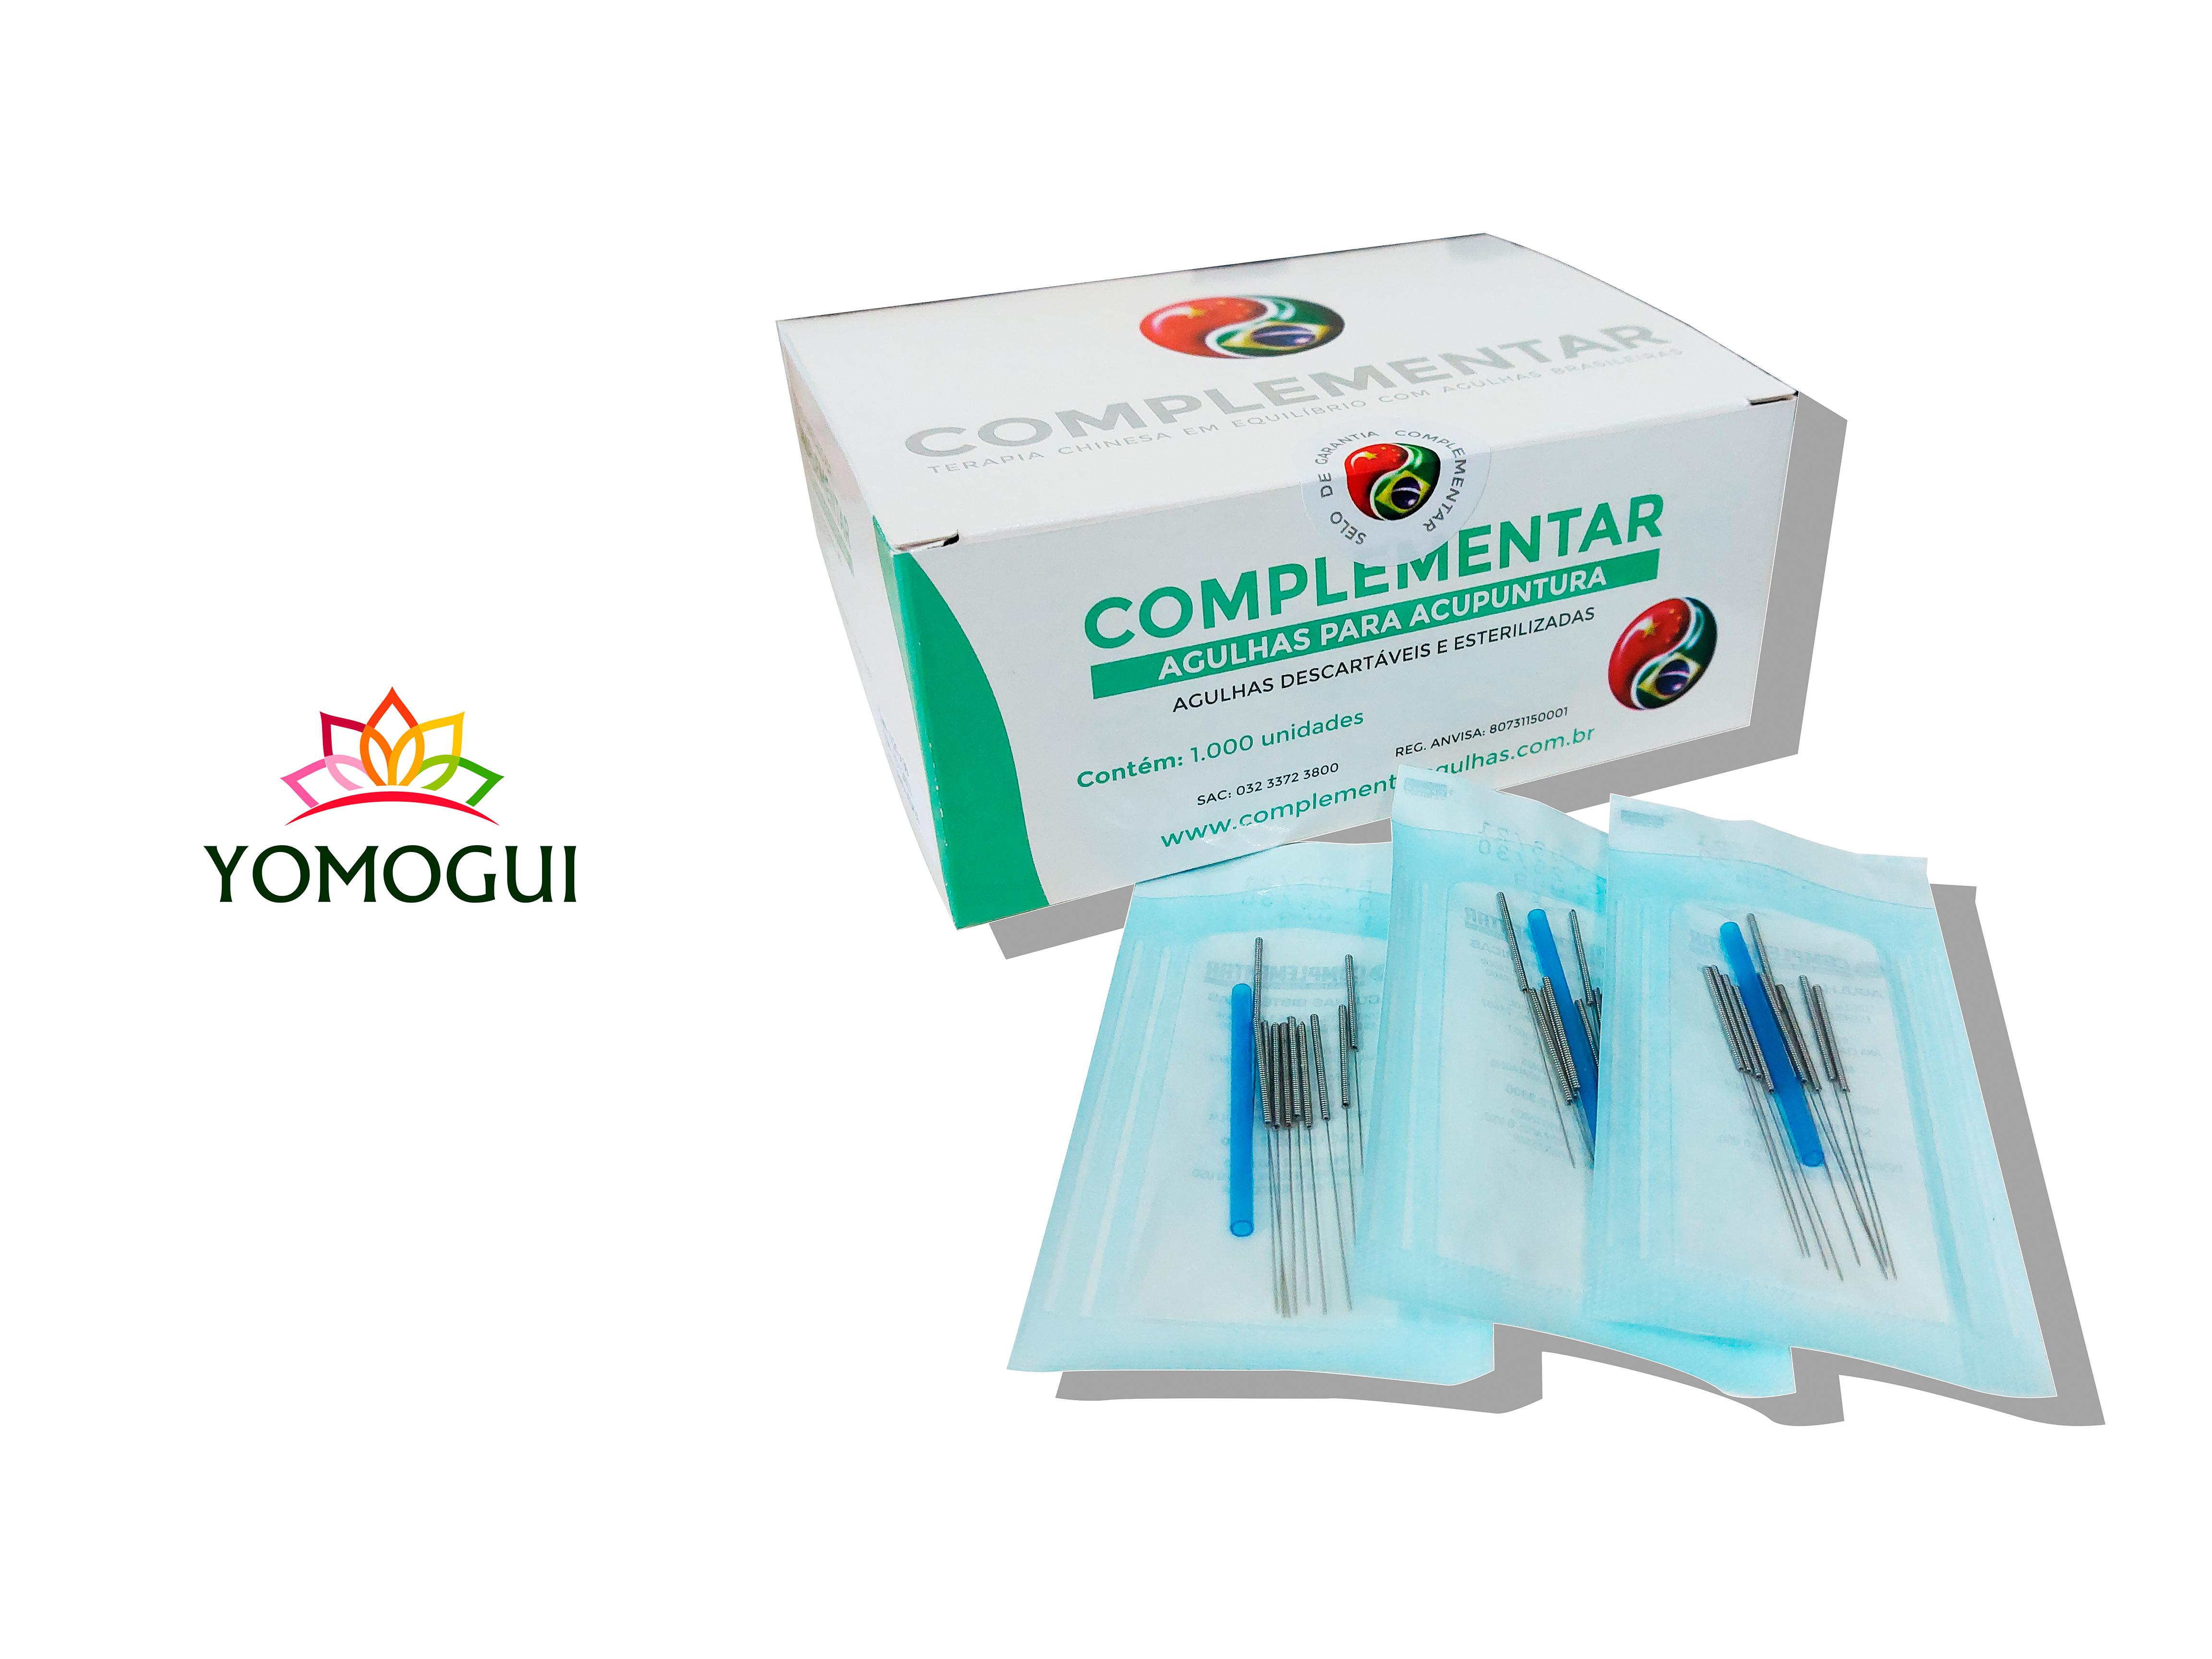 COMPLEMENTAR 0.25 X 30 mm  c/ 100